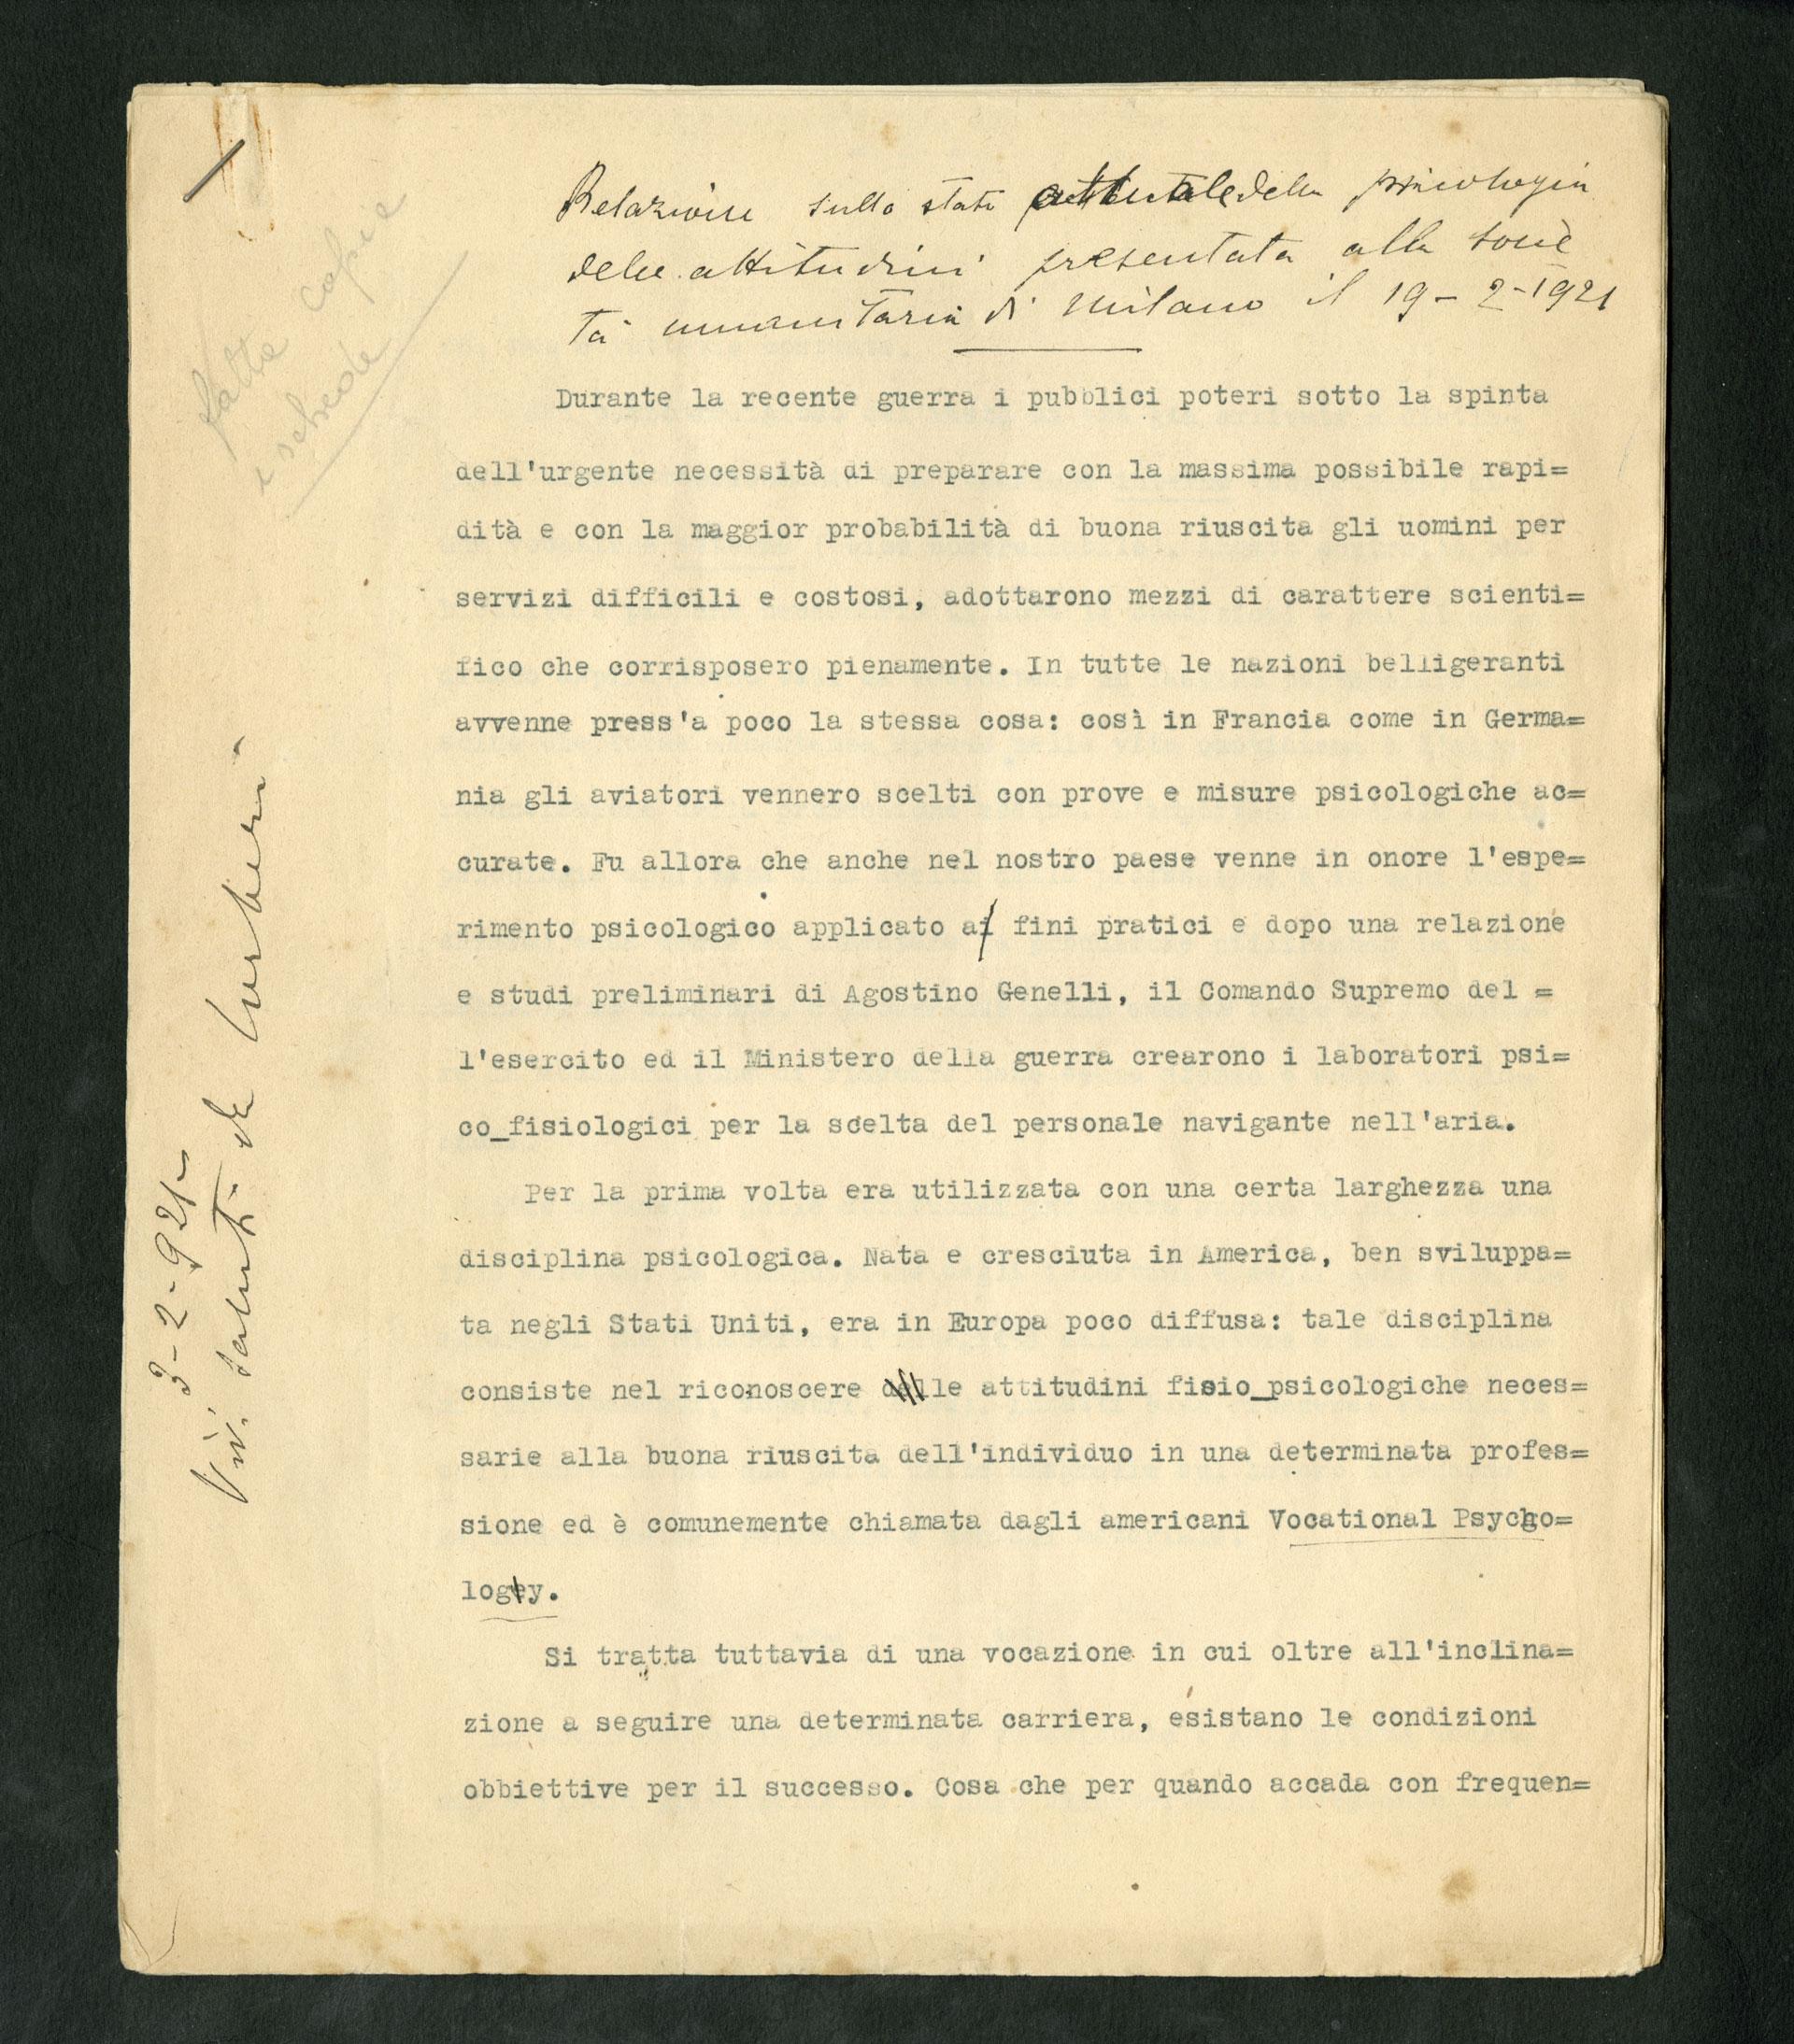 Relazione sullo stato attuale della psicologia delle attitudini, 1921, Giulio Cesare Ferrari e Giuseppe Corberi